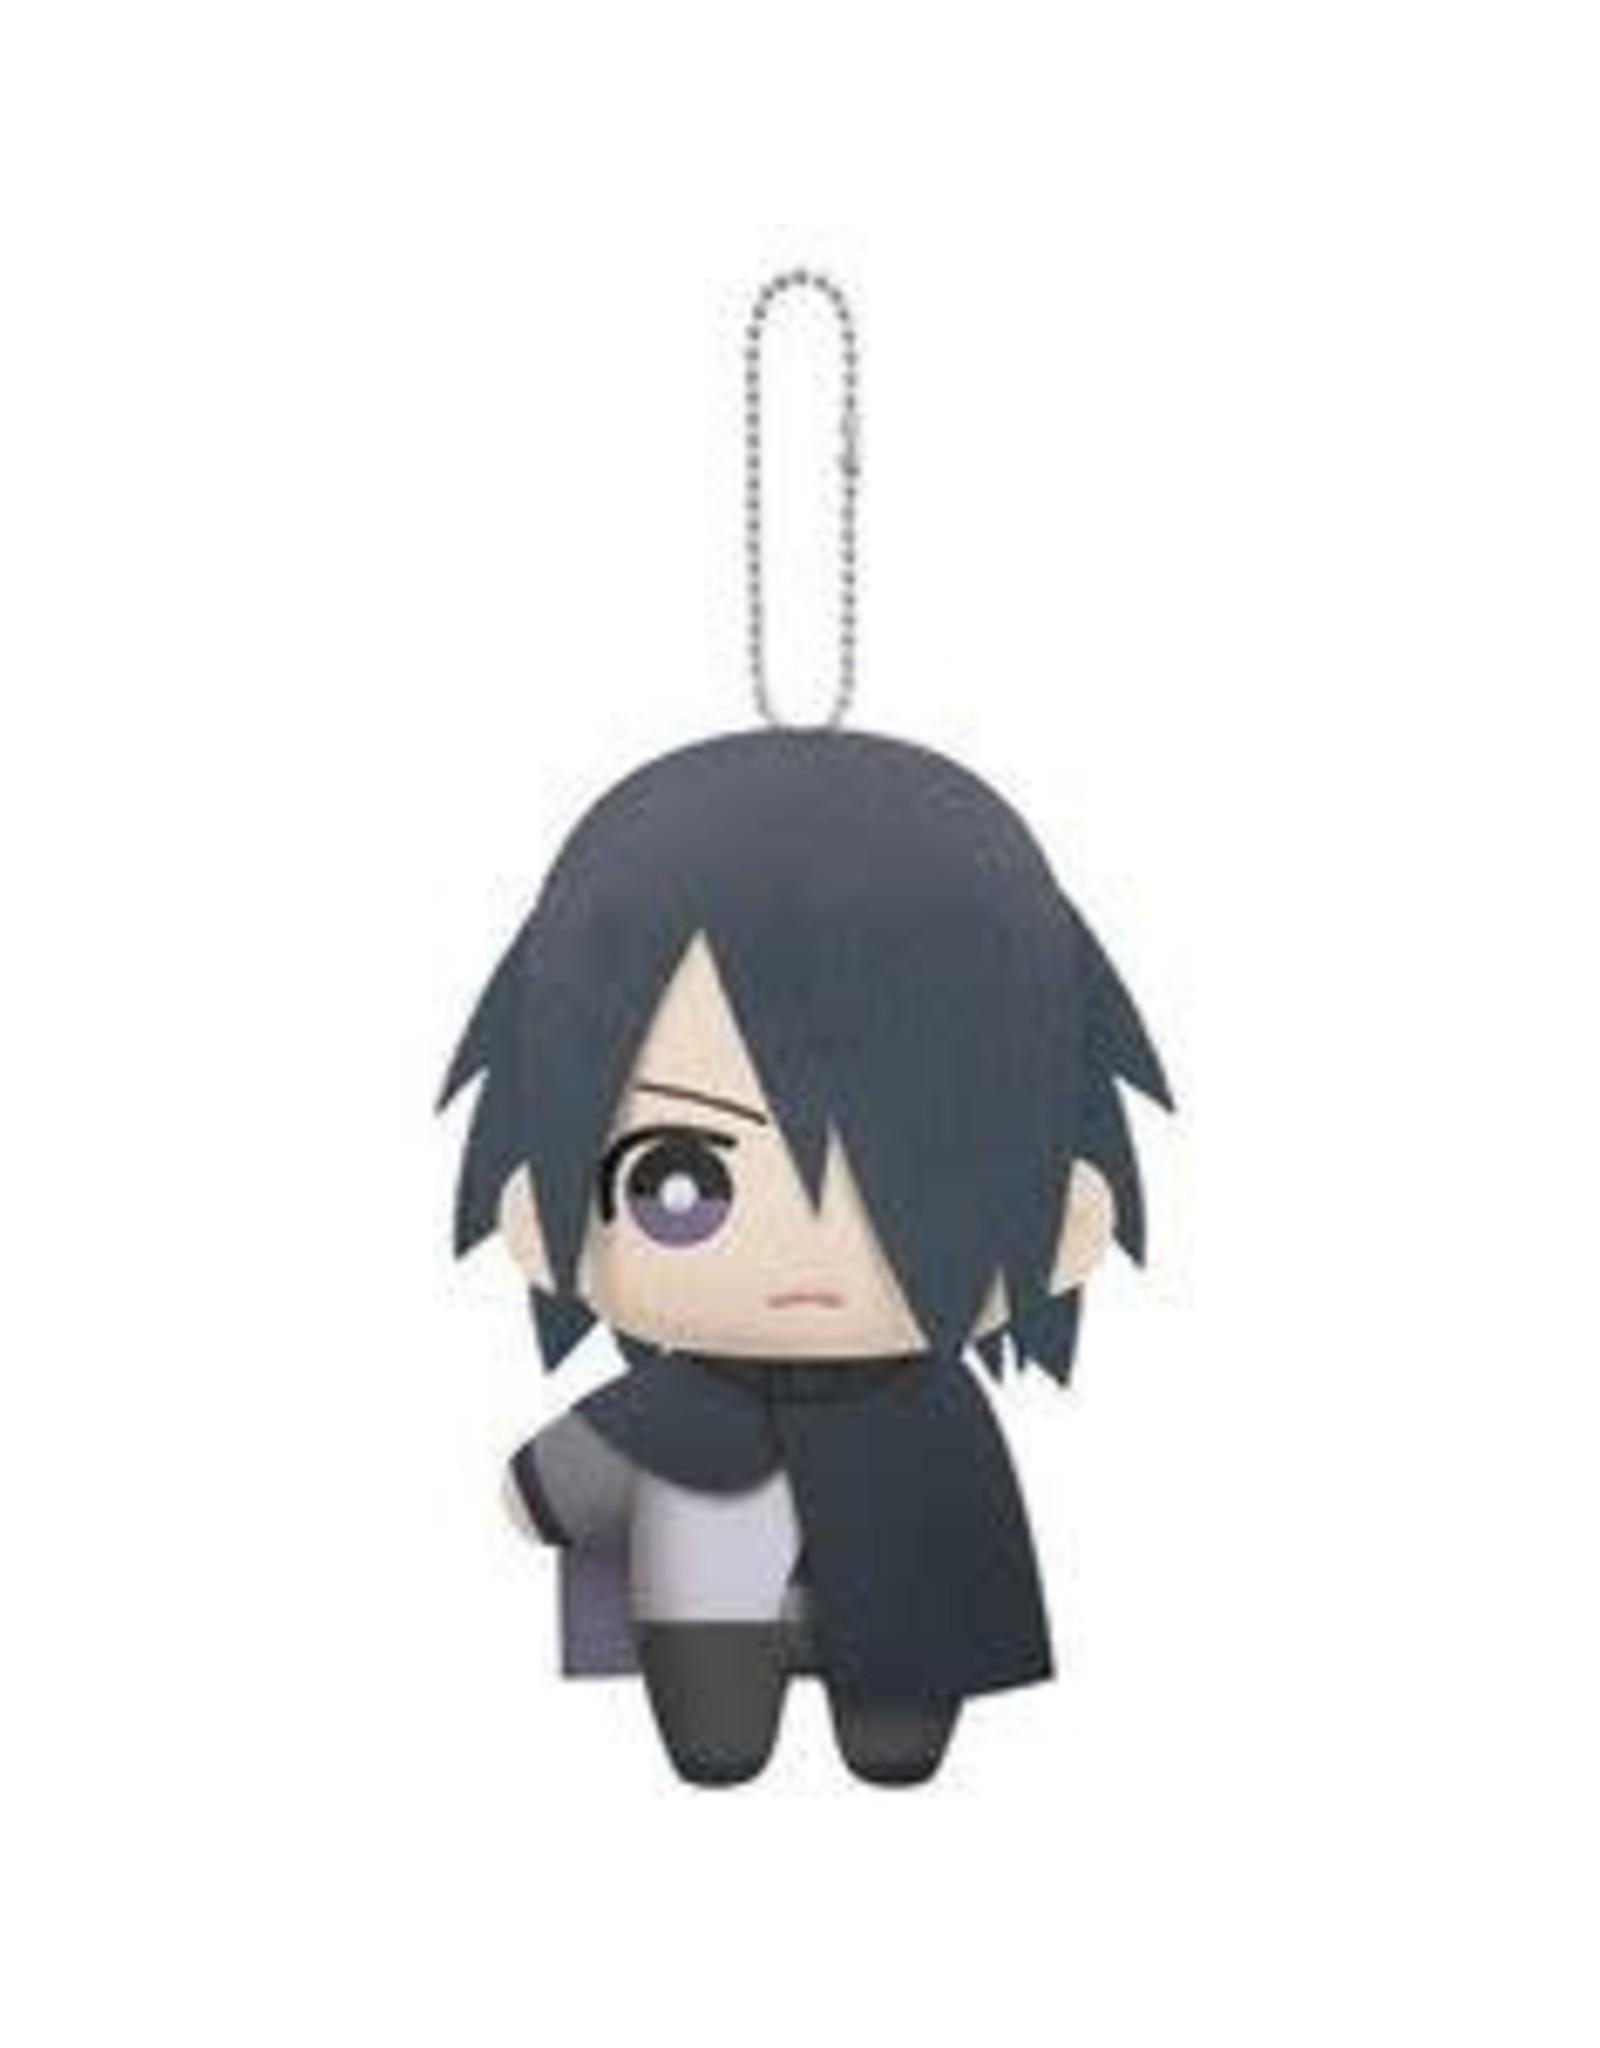 Naruto - Sasuke 6 inch plushie